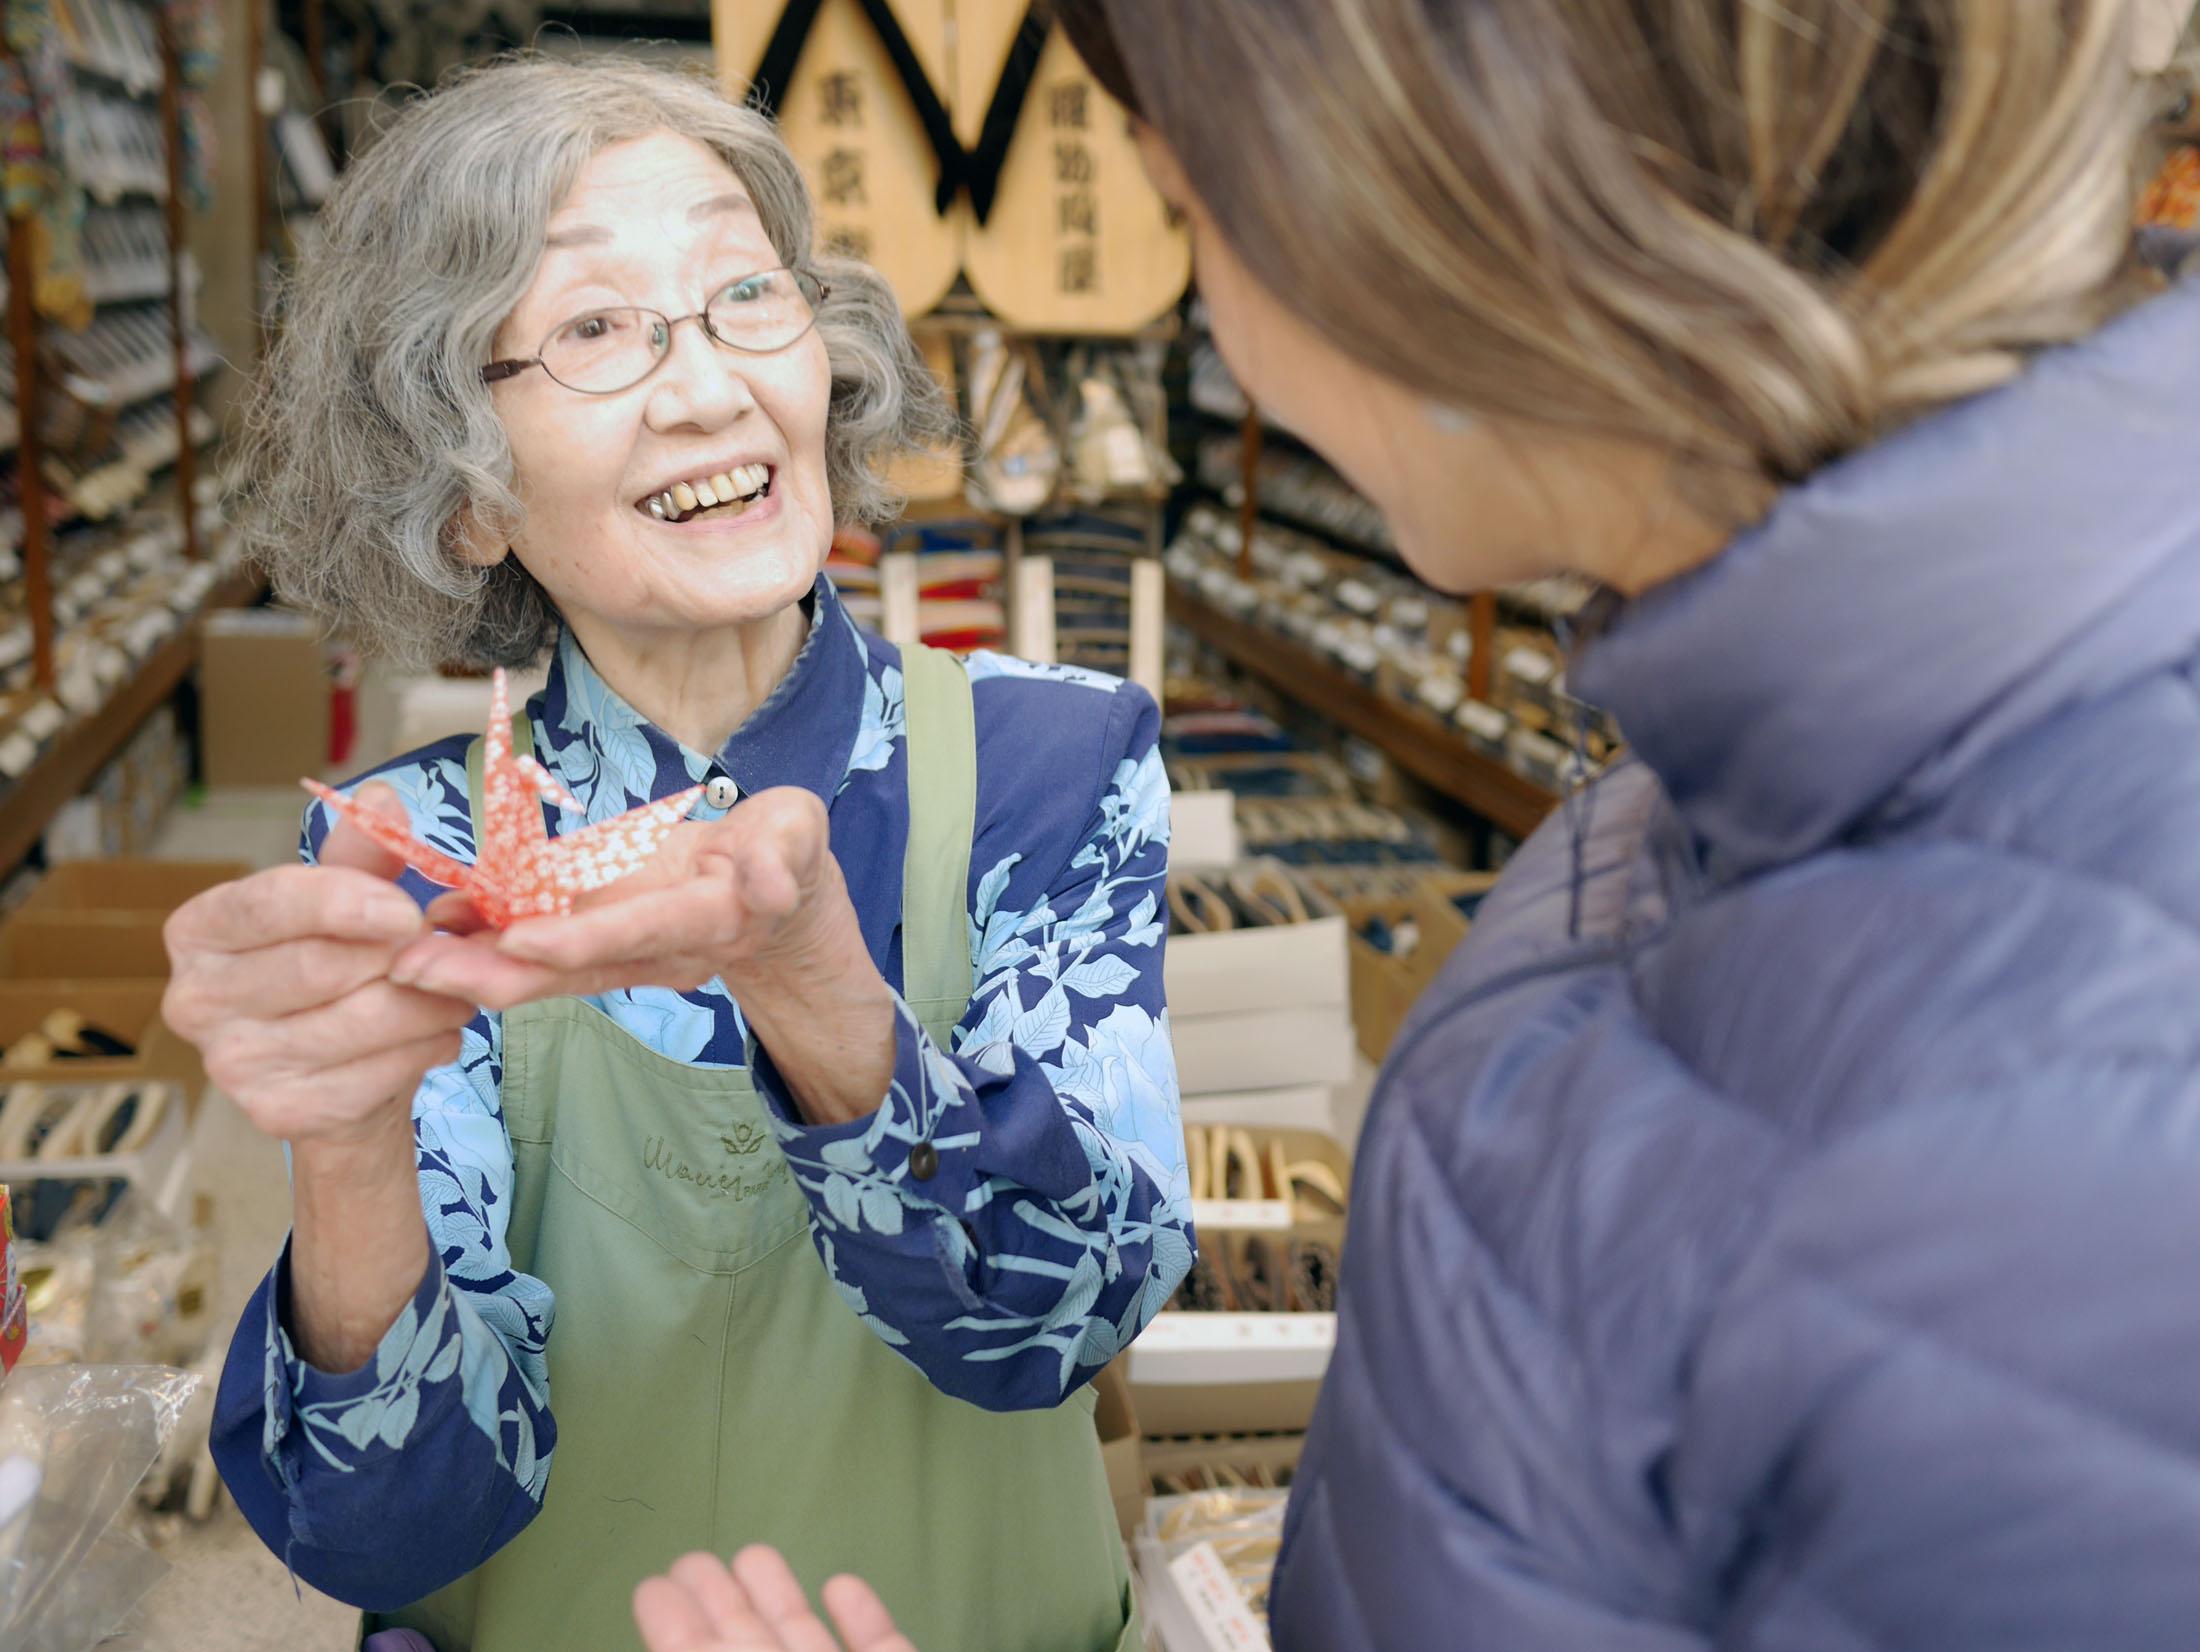 Em Asakusa, fascinada para ver os chinelinhos de madeira , entrei numa loja de venda de atacado lotada de chinelos de madeira. Eu não ia comprar nada mesmo, mas imaginei que pudesse ver de mais perto... a senhorinha então se aproximou e falou umas 2 sentenças em japonês e então mimicou para irmos embora... ganhamos estes origamis dela. A nossa host hoje nos contou que os velhinhos adoram gente mais jovem de qualquer maneira. Um super toque de gentileza a dois desconhecido, amamos.